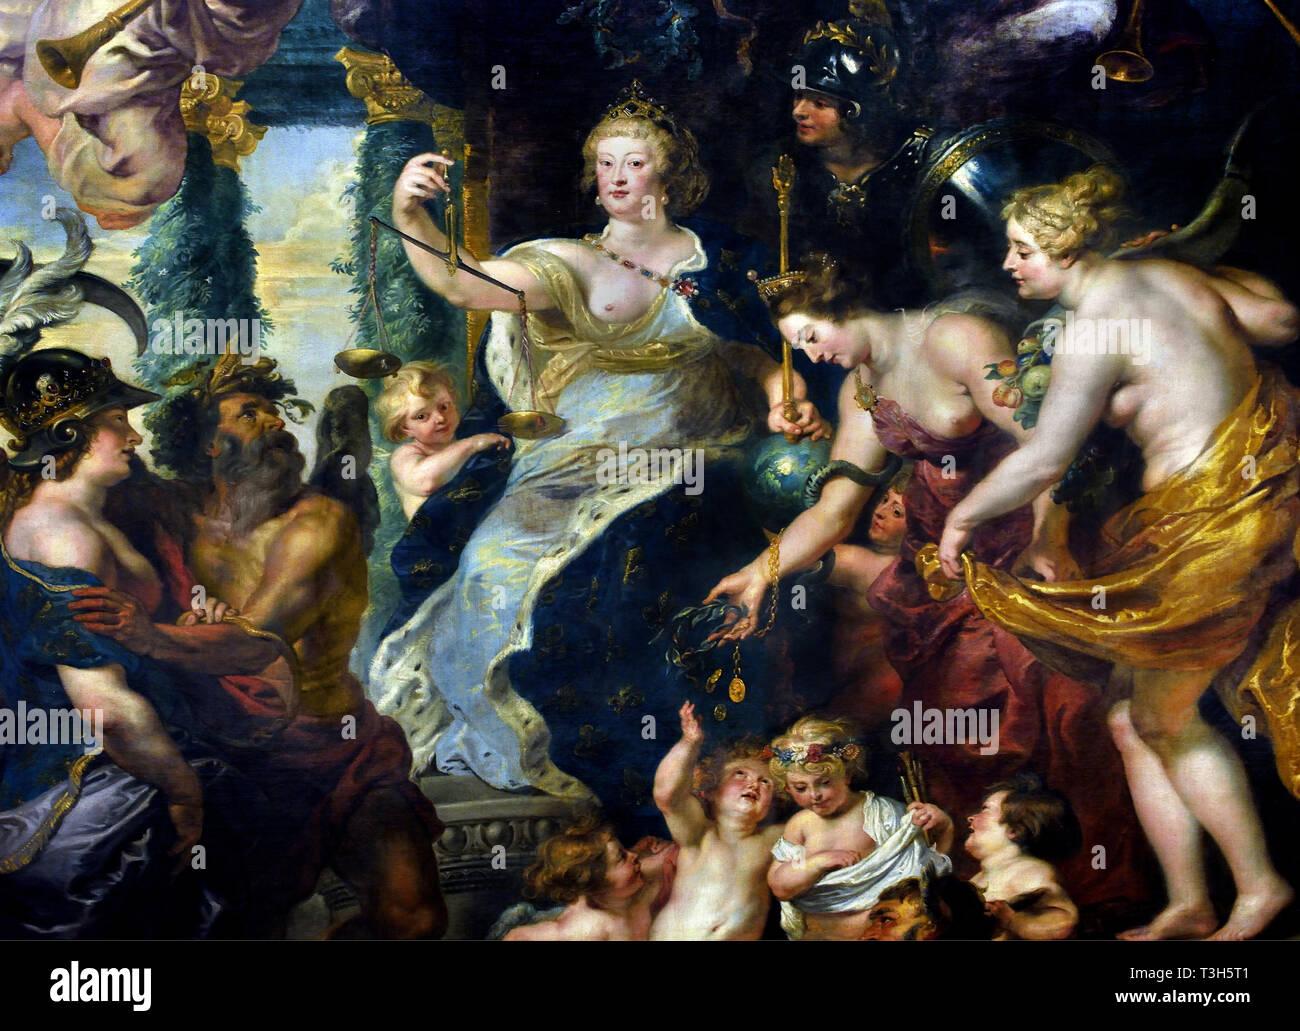 La felicidad de la regencia de María de Médicis - El Marie de Médicis Ciclo 1622-1624 por Peter Paul Rubens, encargado por la Reina María de Médicis, viuda del rey Enrique IV de Francia, para el Palacio de Luxemburgo en París, Imagen De Stock